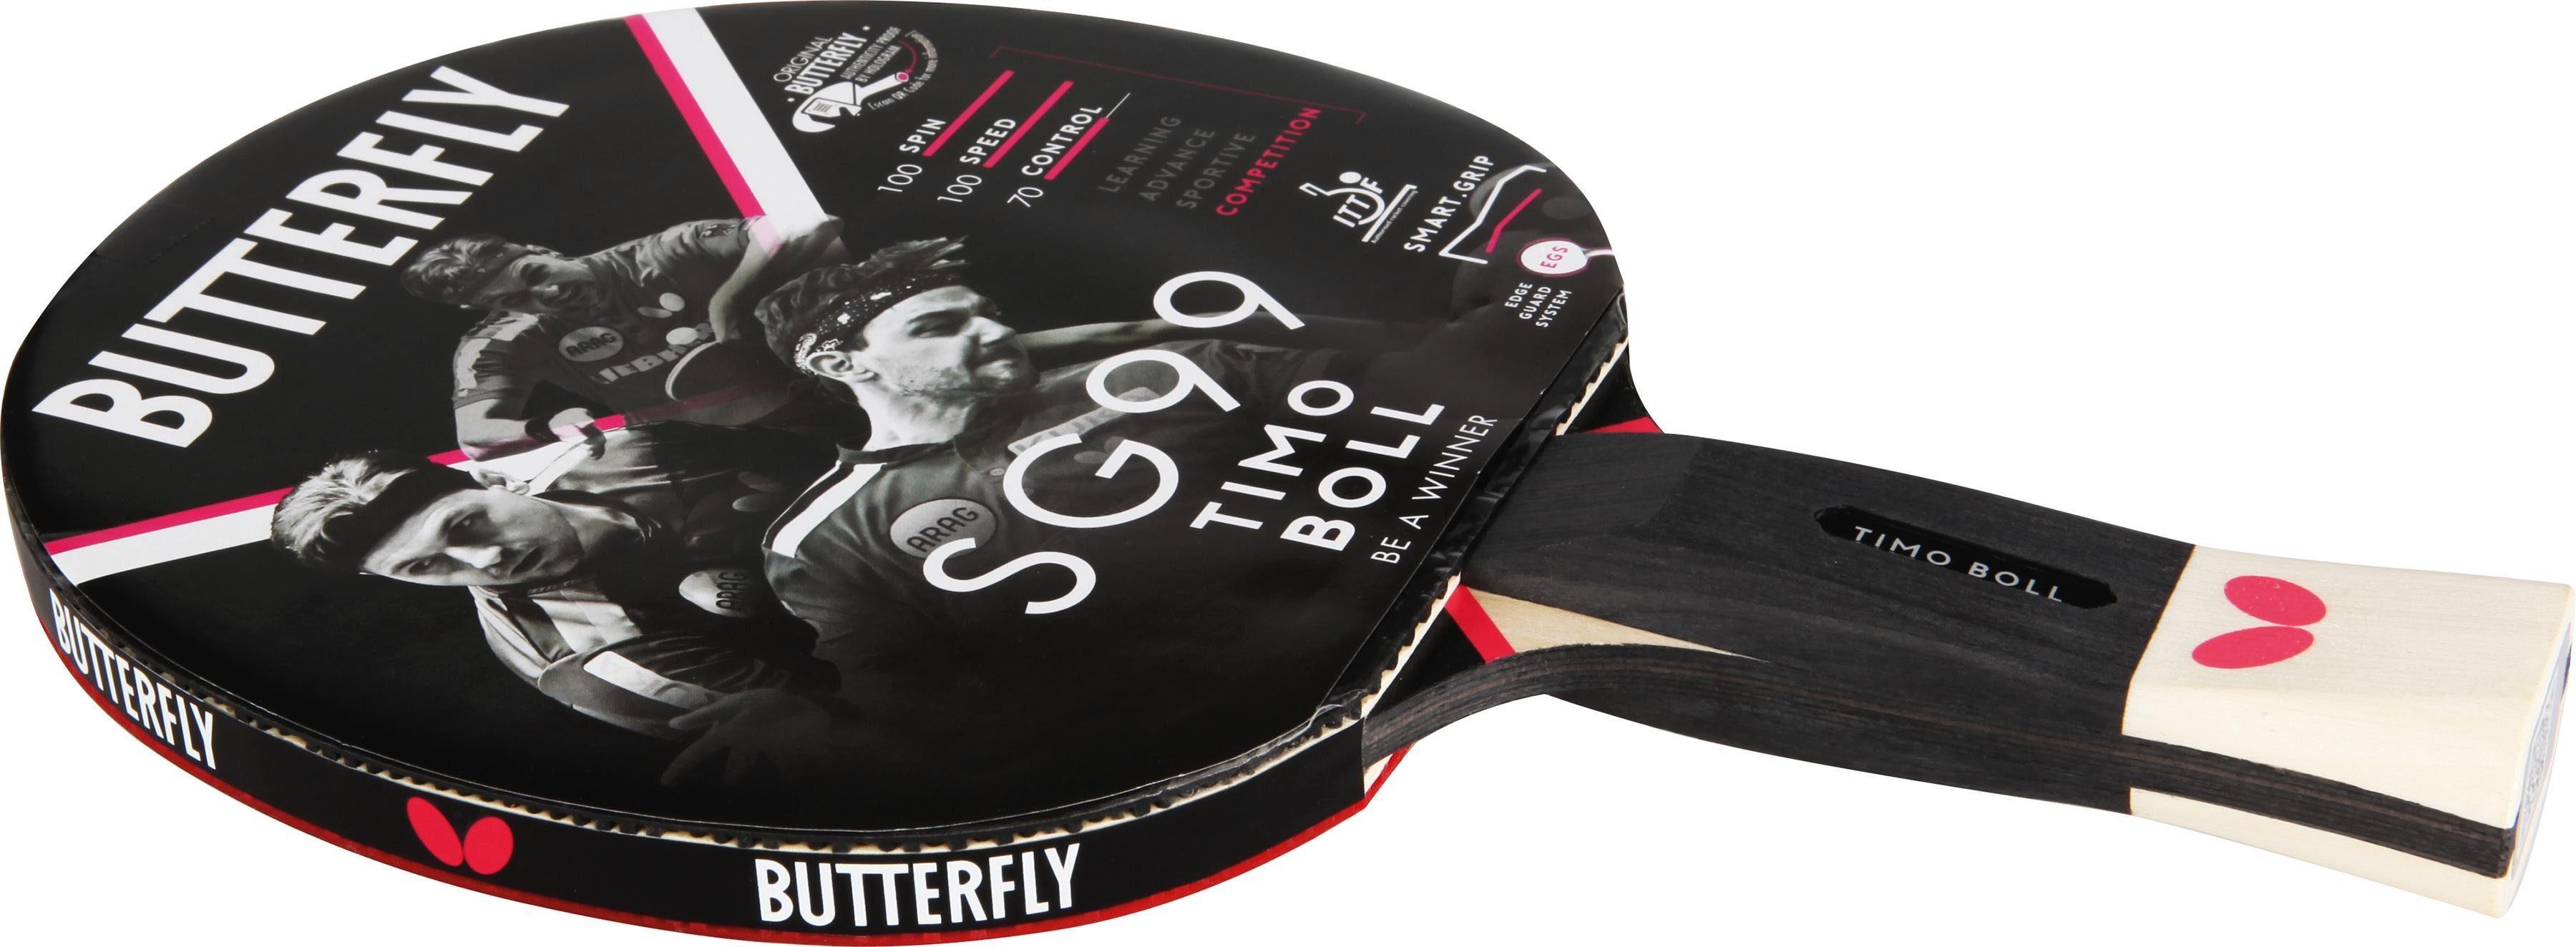 Butterfly Tischtennisschläger Timo Boll SG99 Technik & Freizeit/Sport & Freizeit/Sportarten/Tischtennis/Tischtennis-Ausrüstung